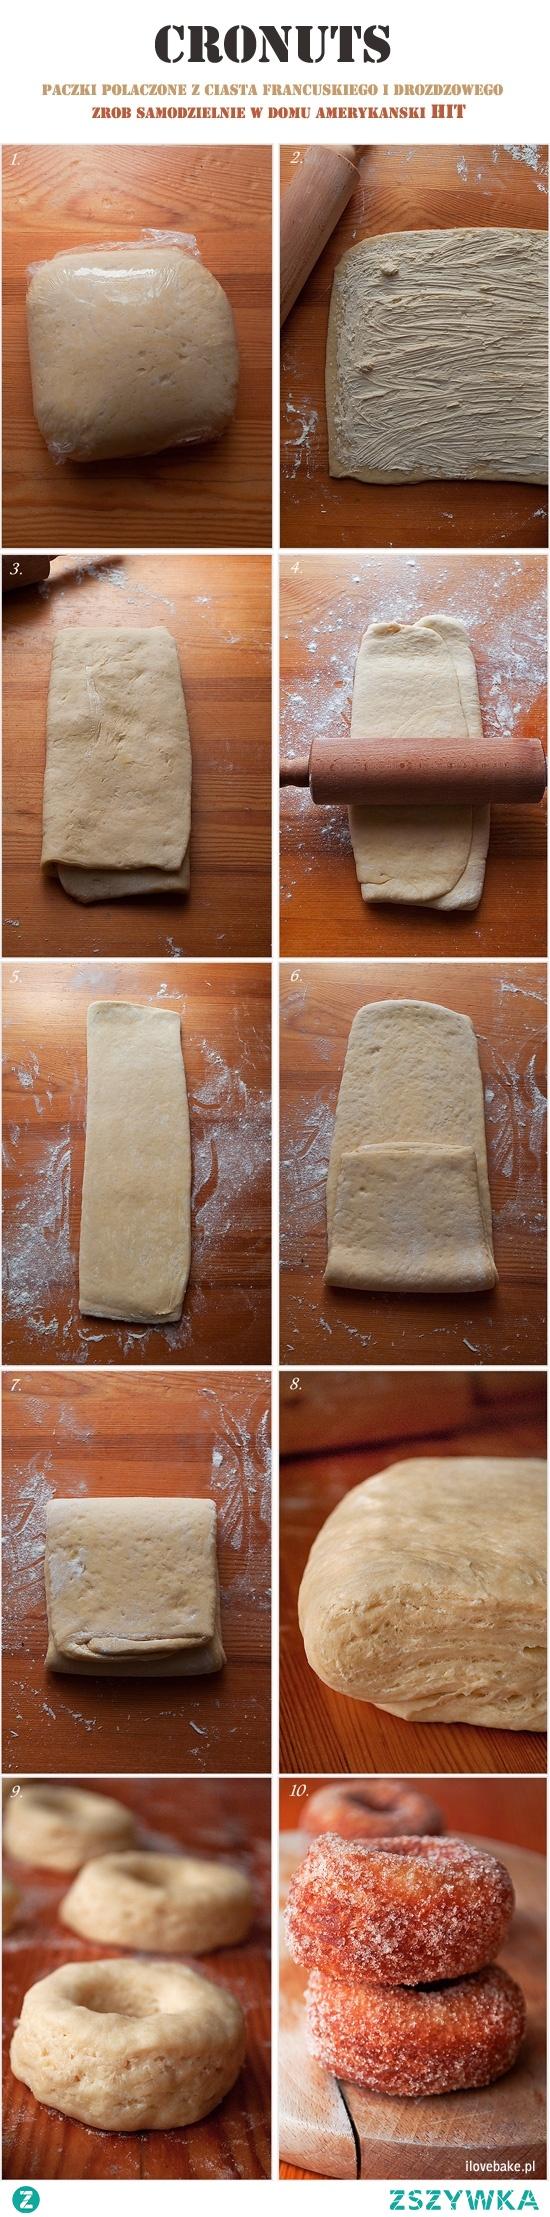 Cronuts, czyli amerykańskie pączki z ciasta drożdżowo-francuskiego. Przepis krok po kroku